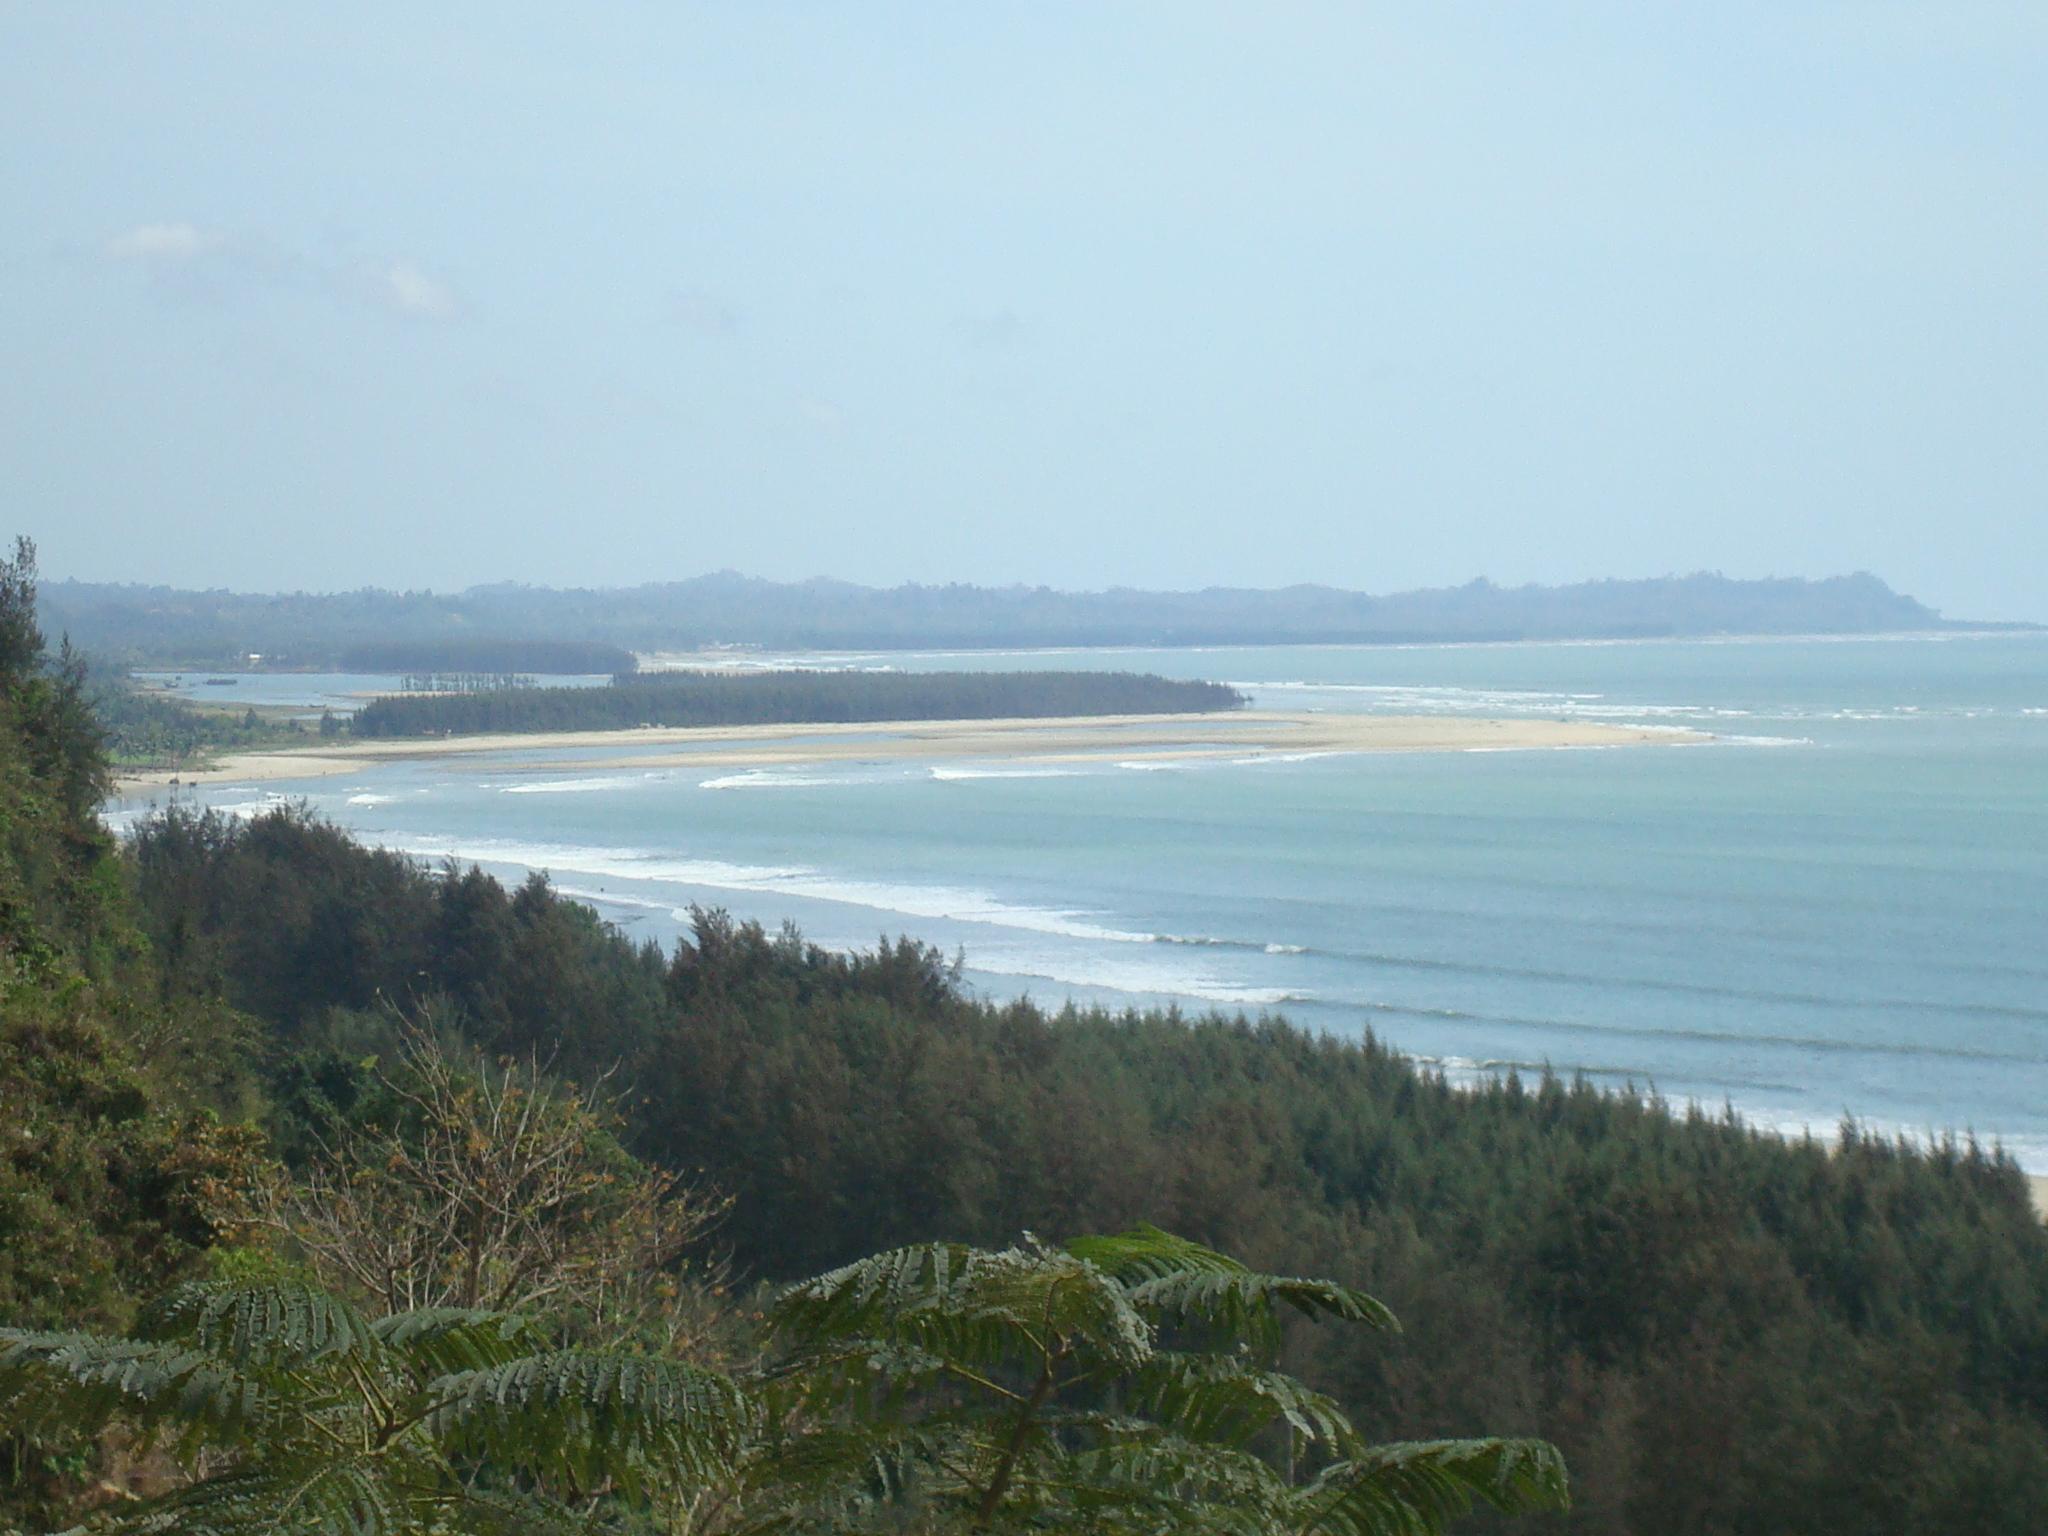 Bay of bengal wiki